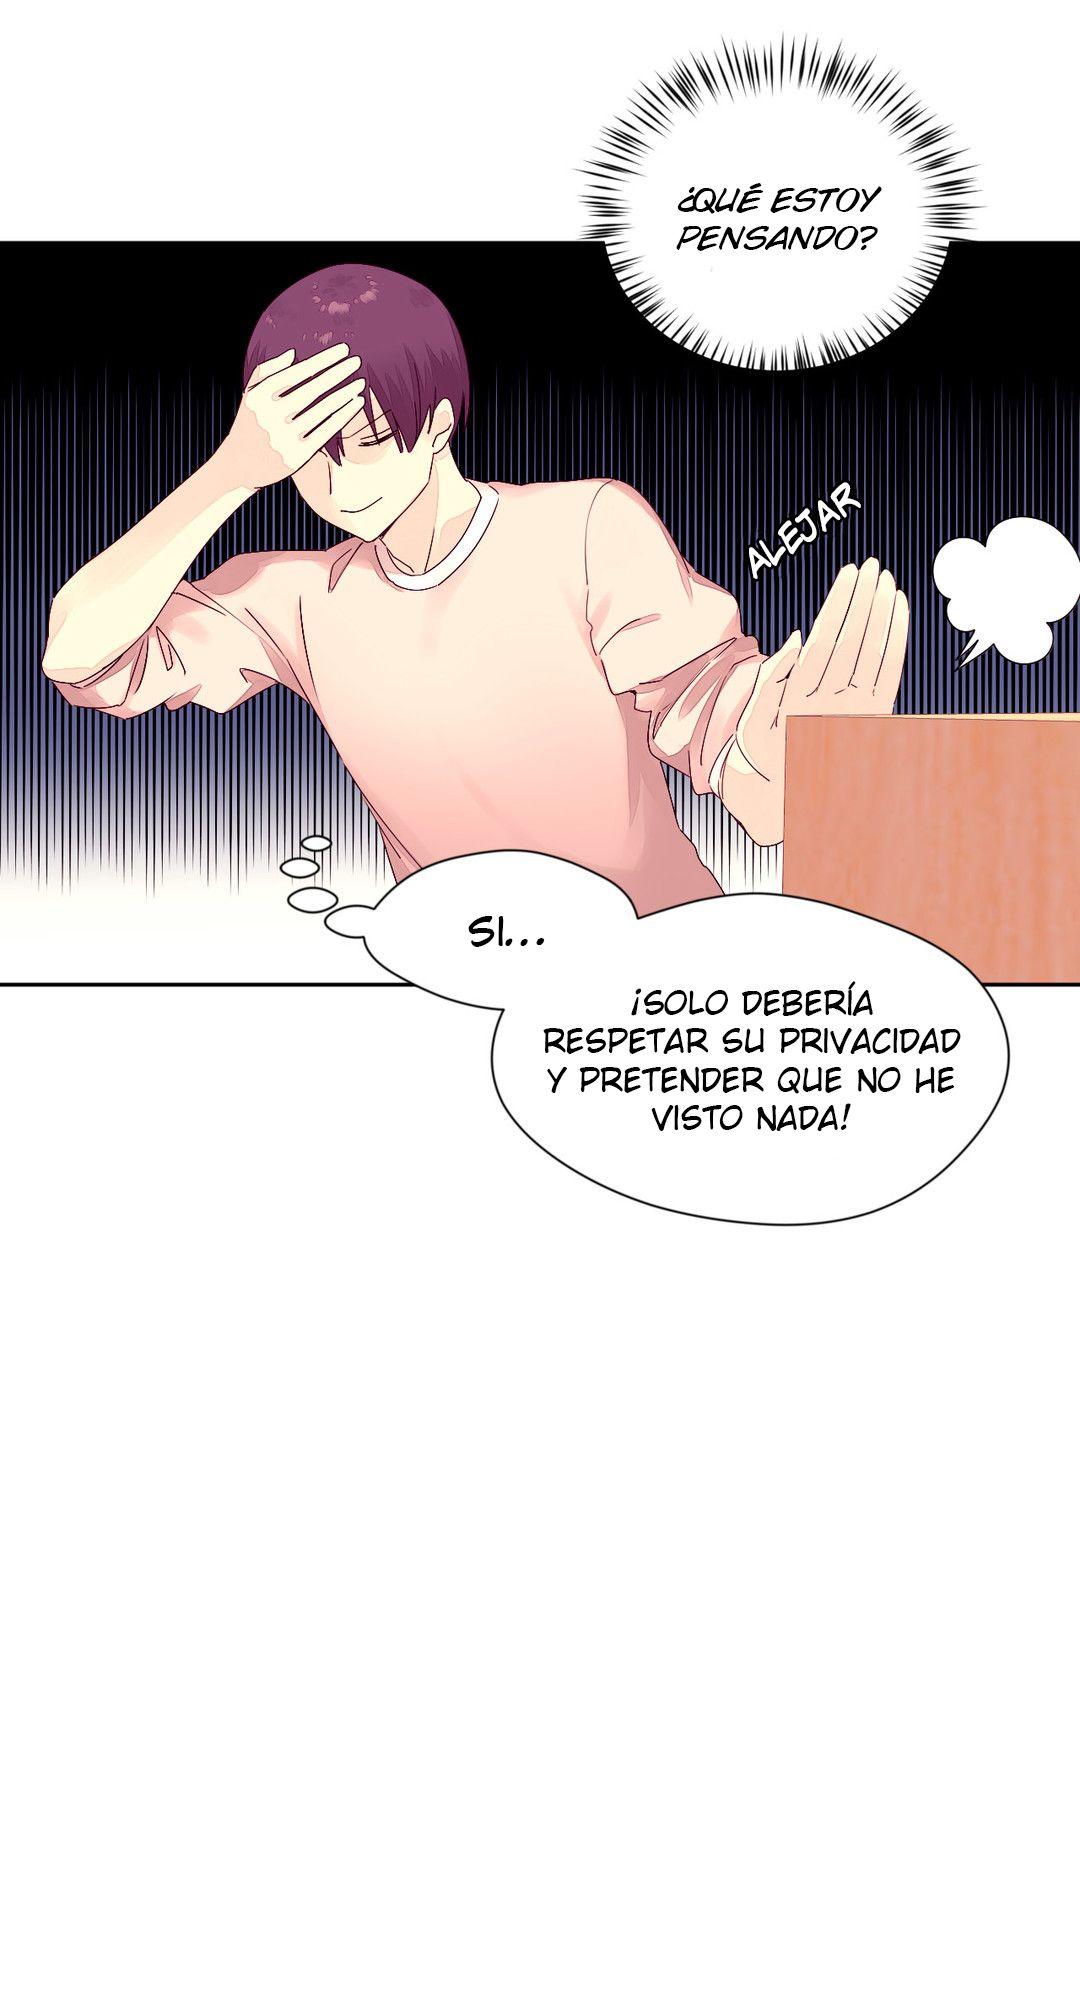 https://c9.mangatag.com/es_manga/pic5/58/25146/644430/faee58449475f203d850172542b93933.jpg Page 11